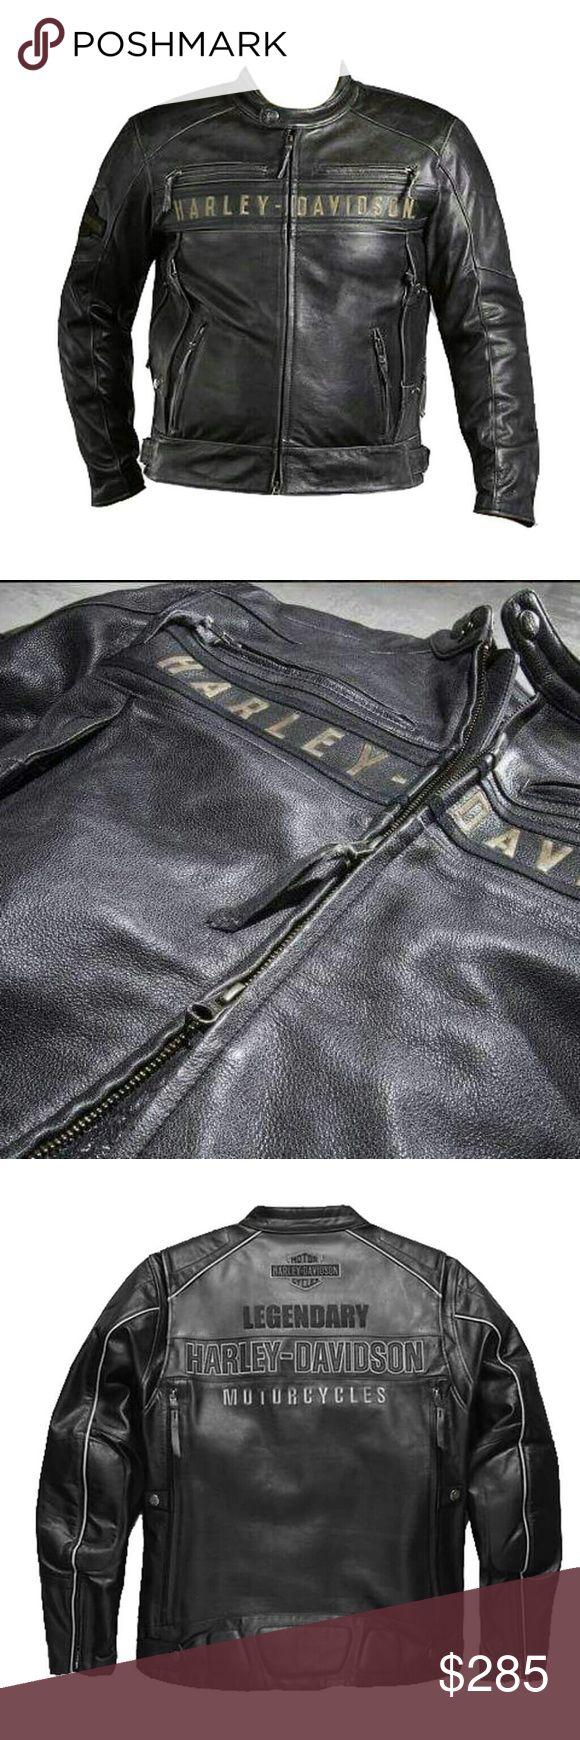 Harley Davidson leather jacket Leather jacket Harley-Davidson Jackets & Coats